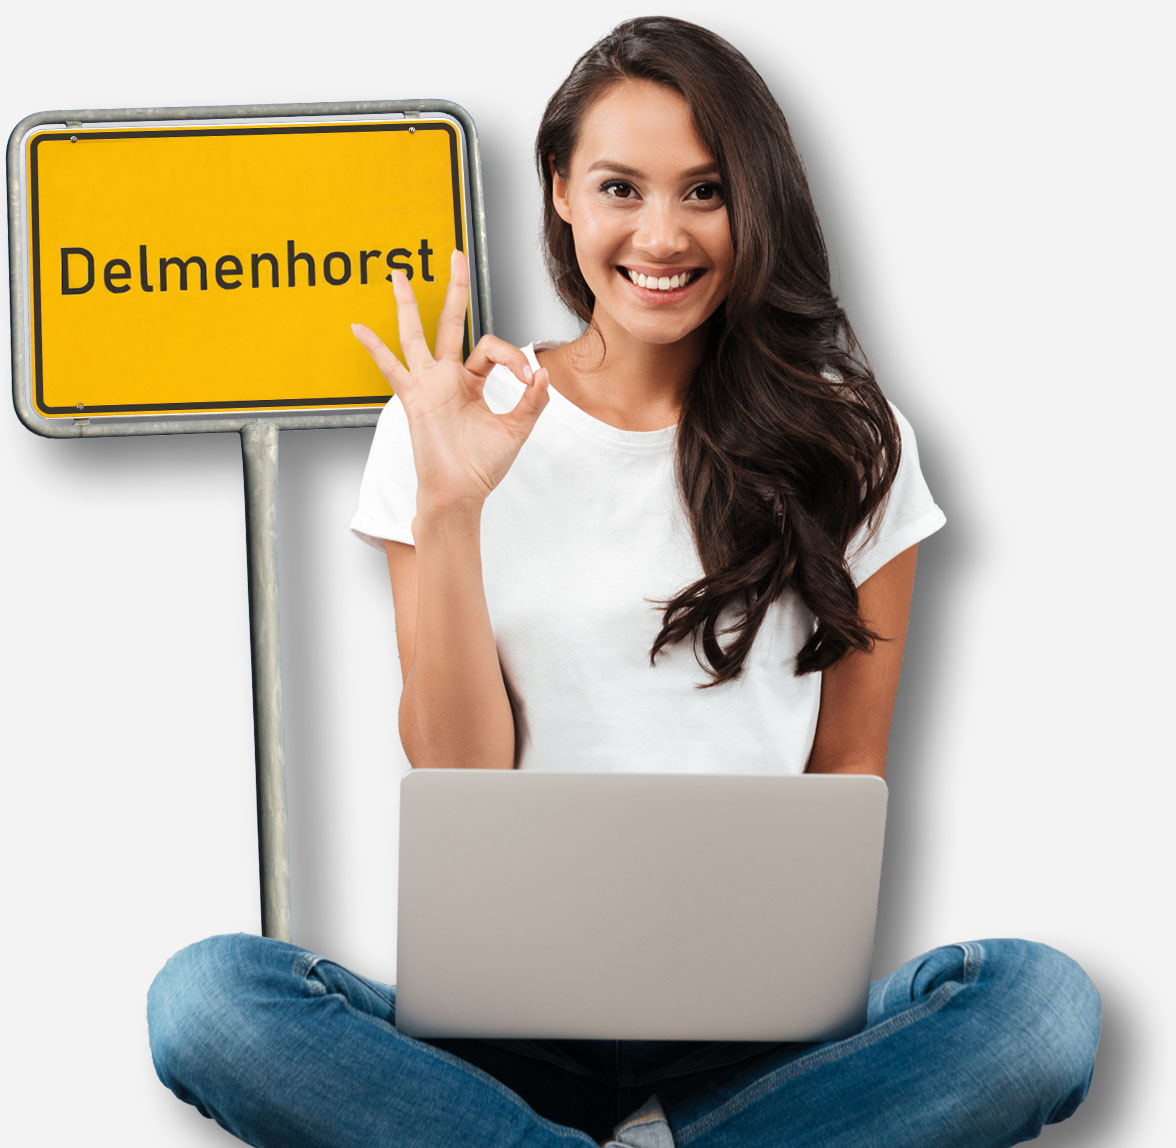 Digitalberatung für Delmenhorst - Stadt der Metropolregion Nordwest